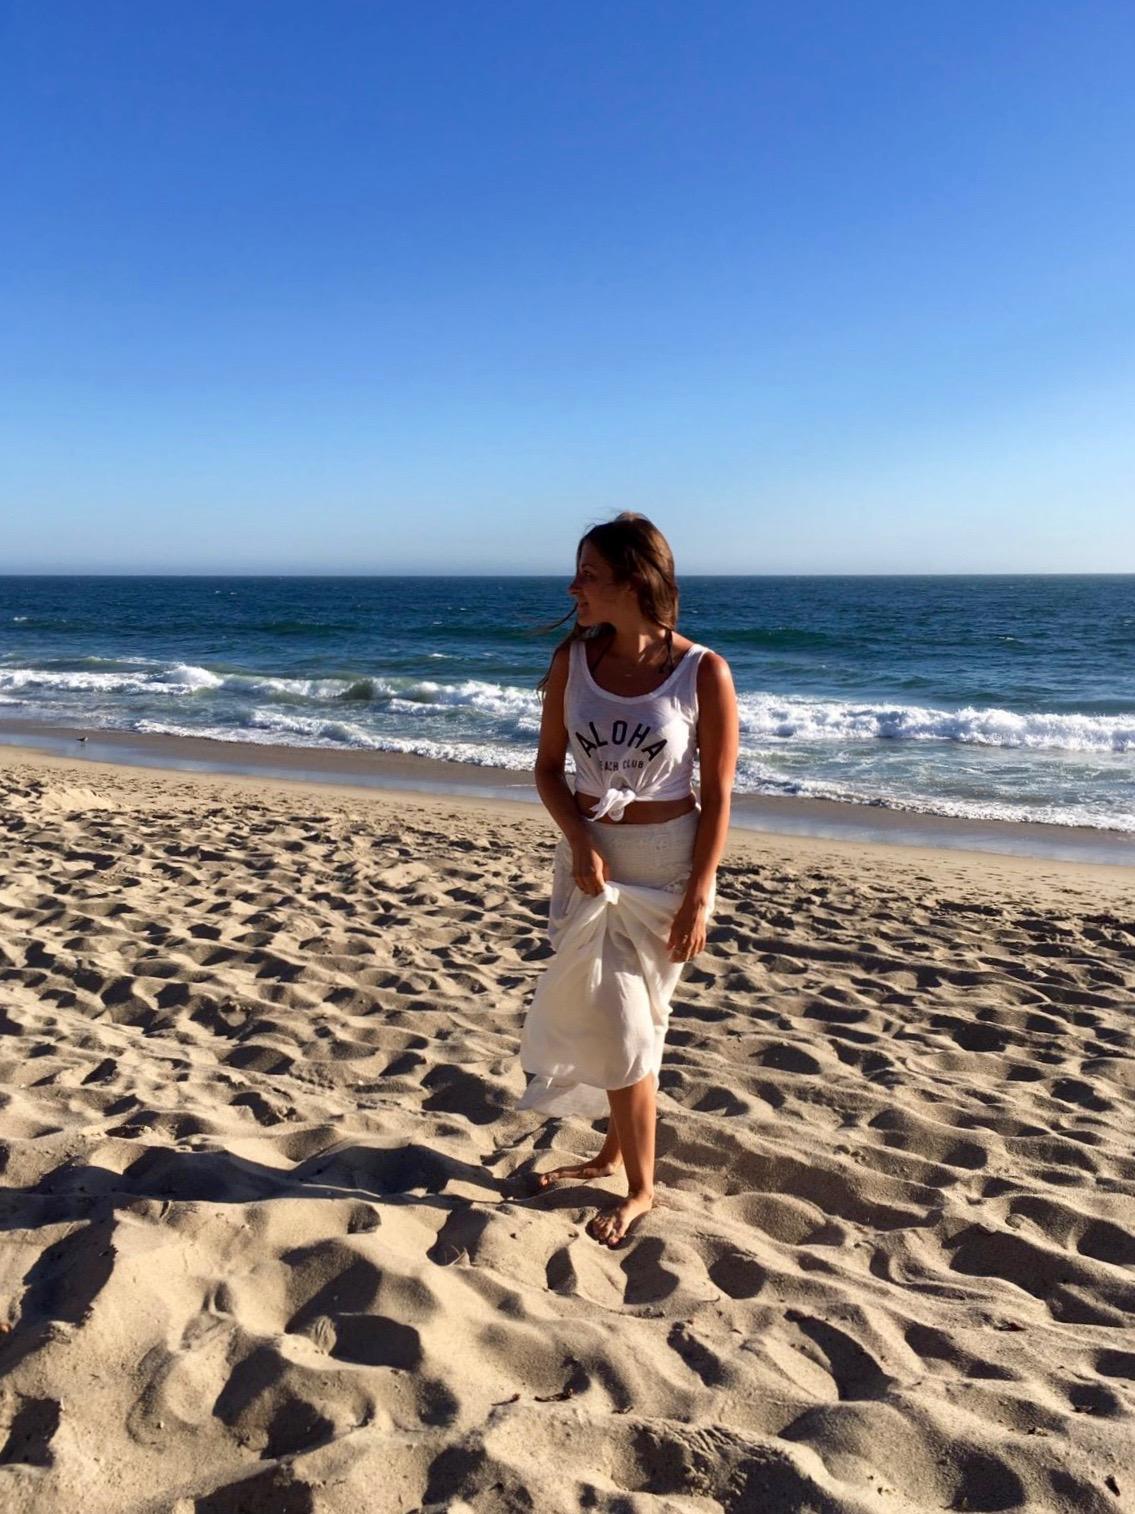 woman beach ocean 3 days